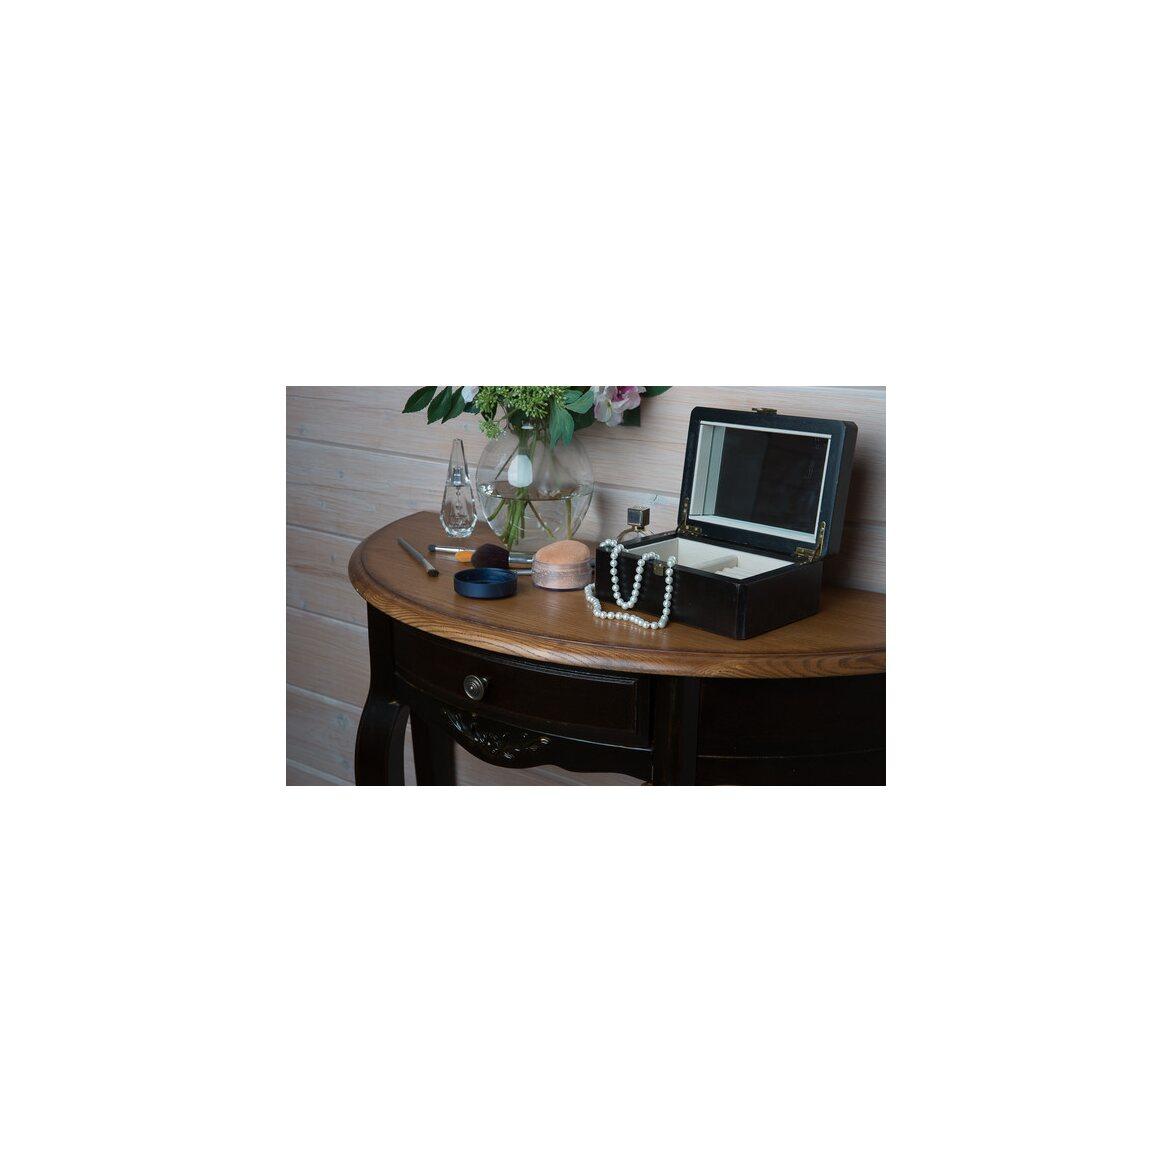 Овальная консоль (без зеркала) Leontina, черного цвета 2 | Консоли Kingsby